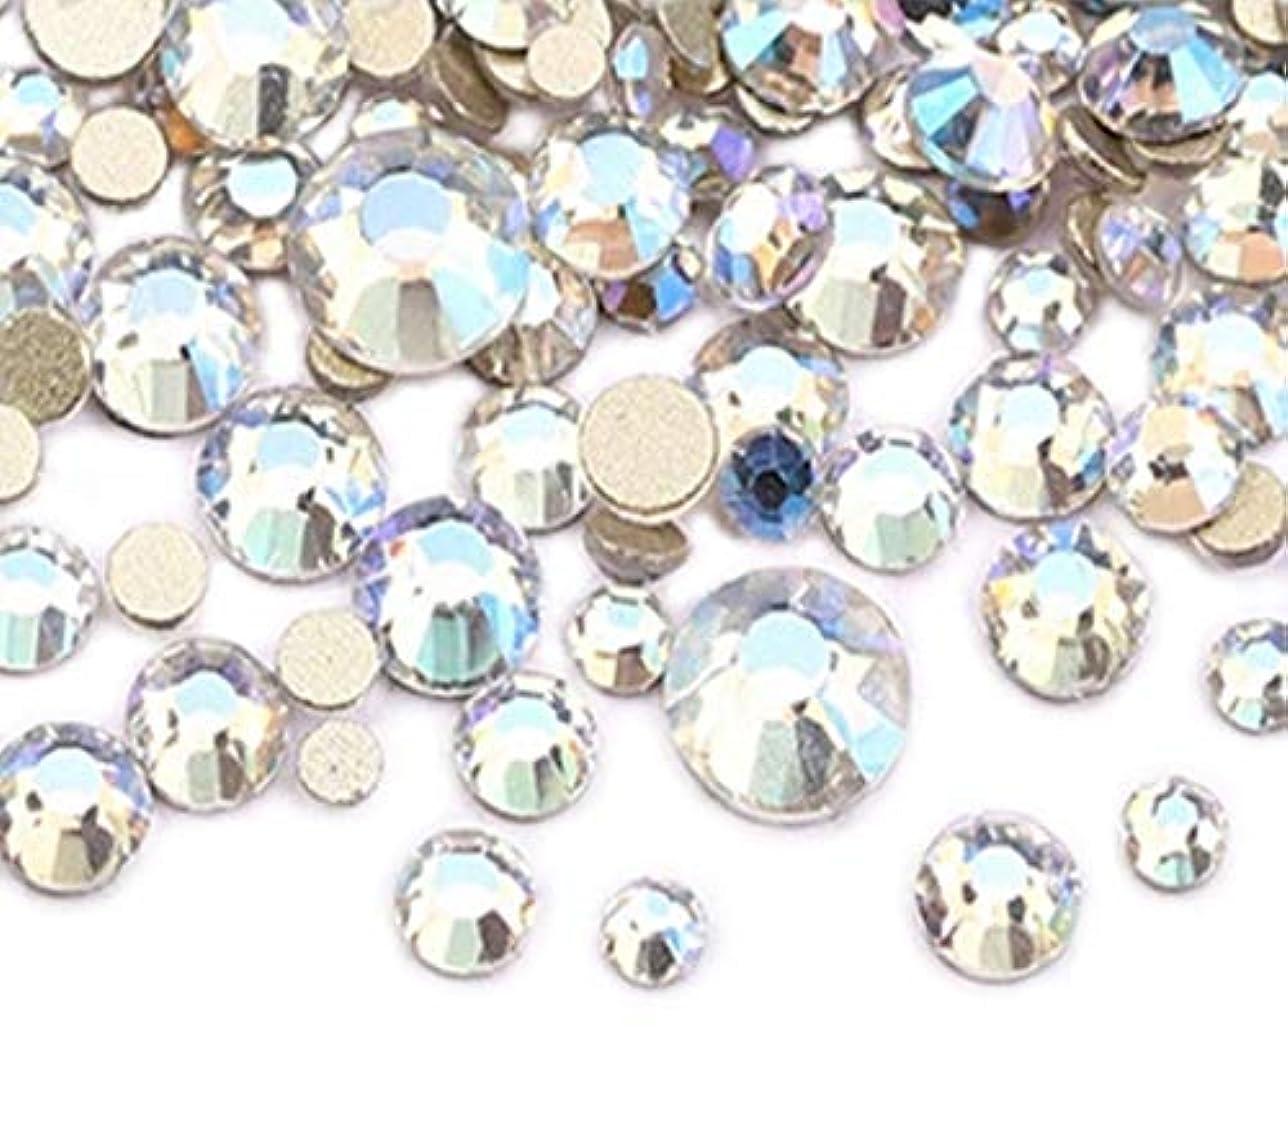 休み皮肉法医学XIULI カラー ラインストーン DIY ネイルを飾てと服装使用 高い採光 約1440粒(ss3-20混合サイズ) (ブルームーンライト)